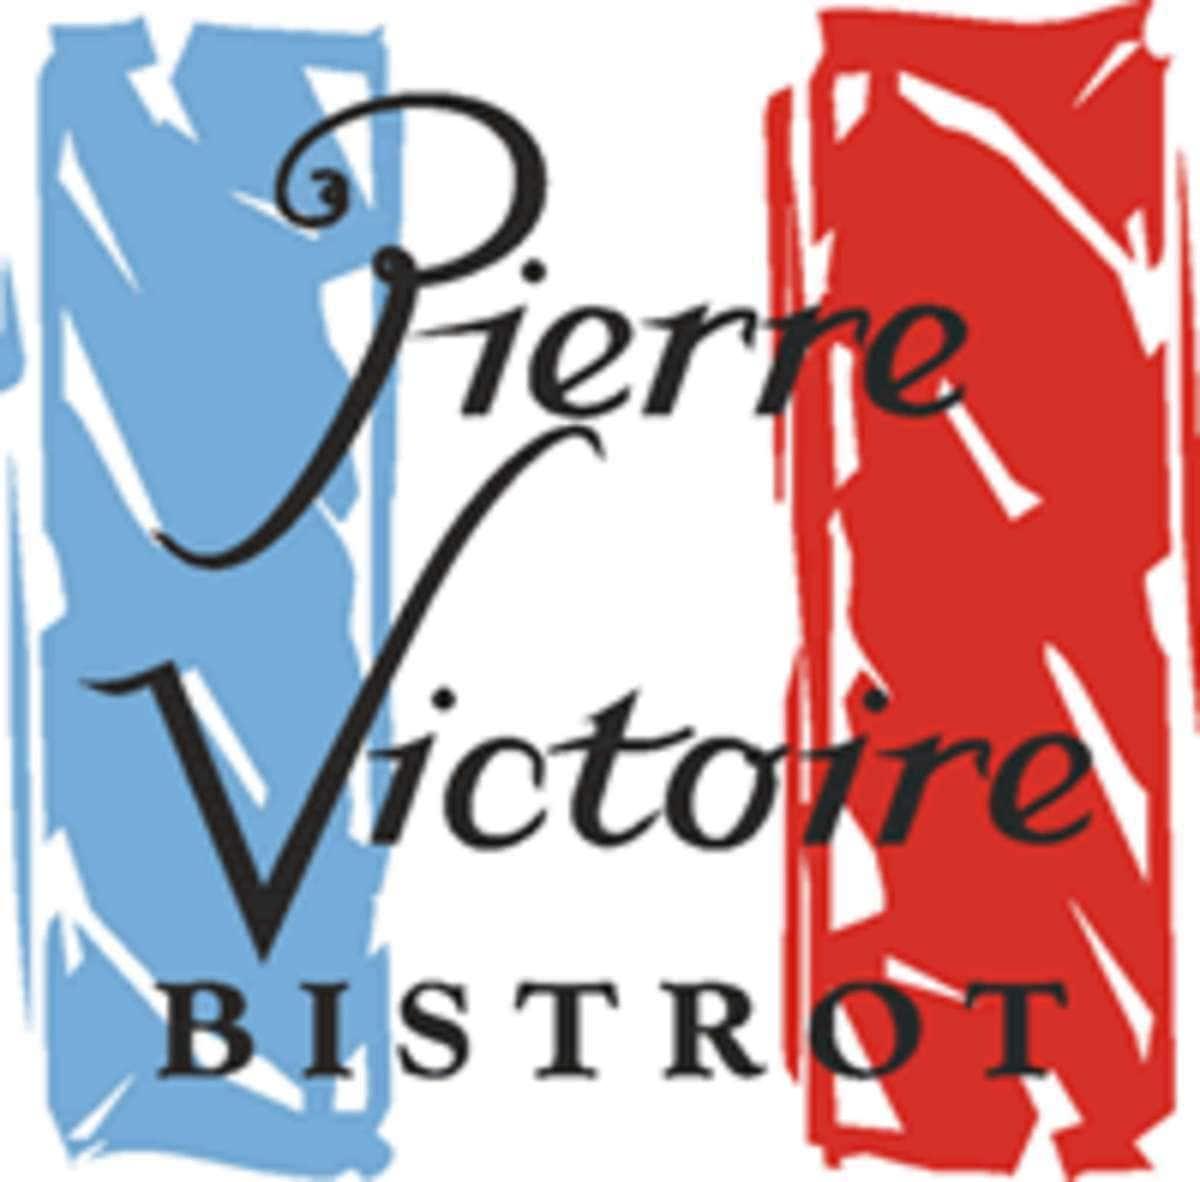 Pierre Victoire Bistrot